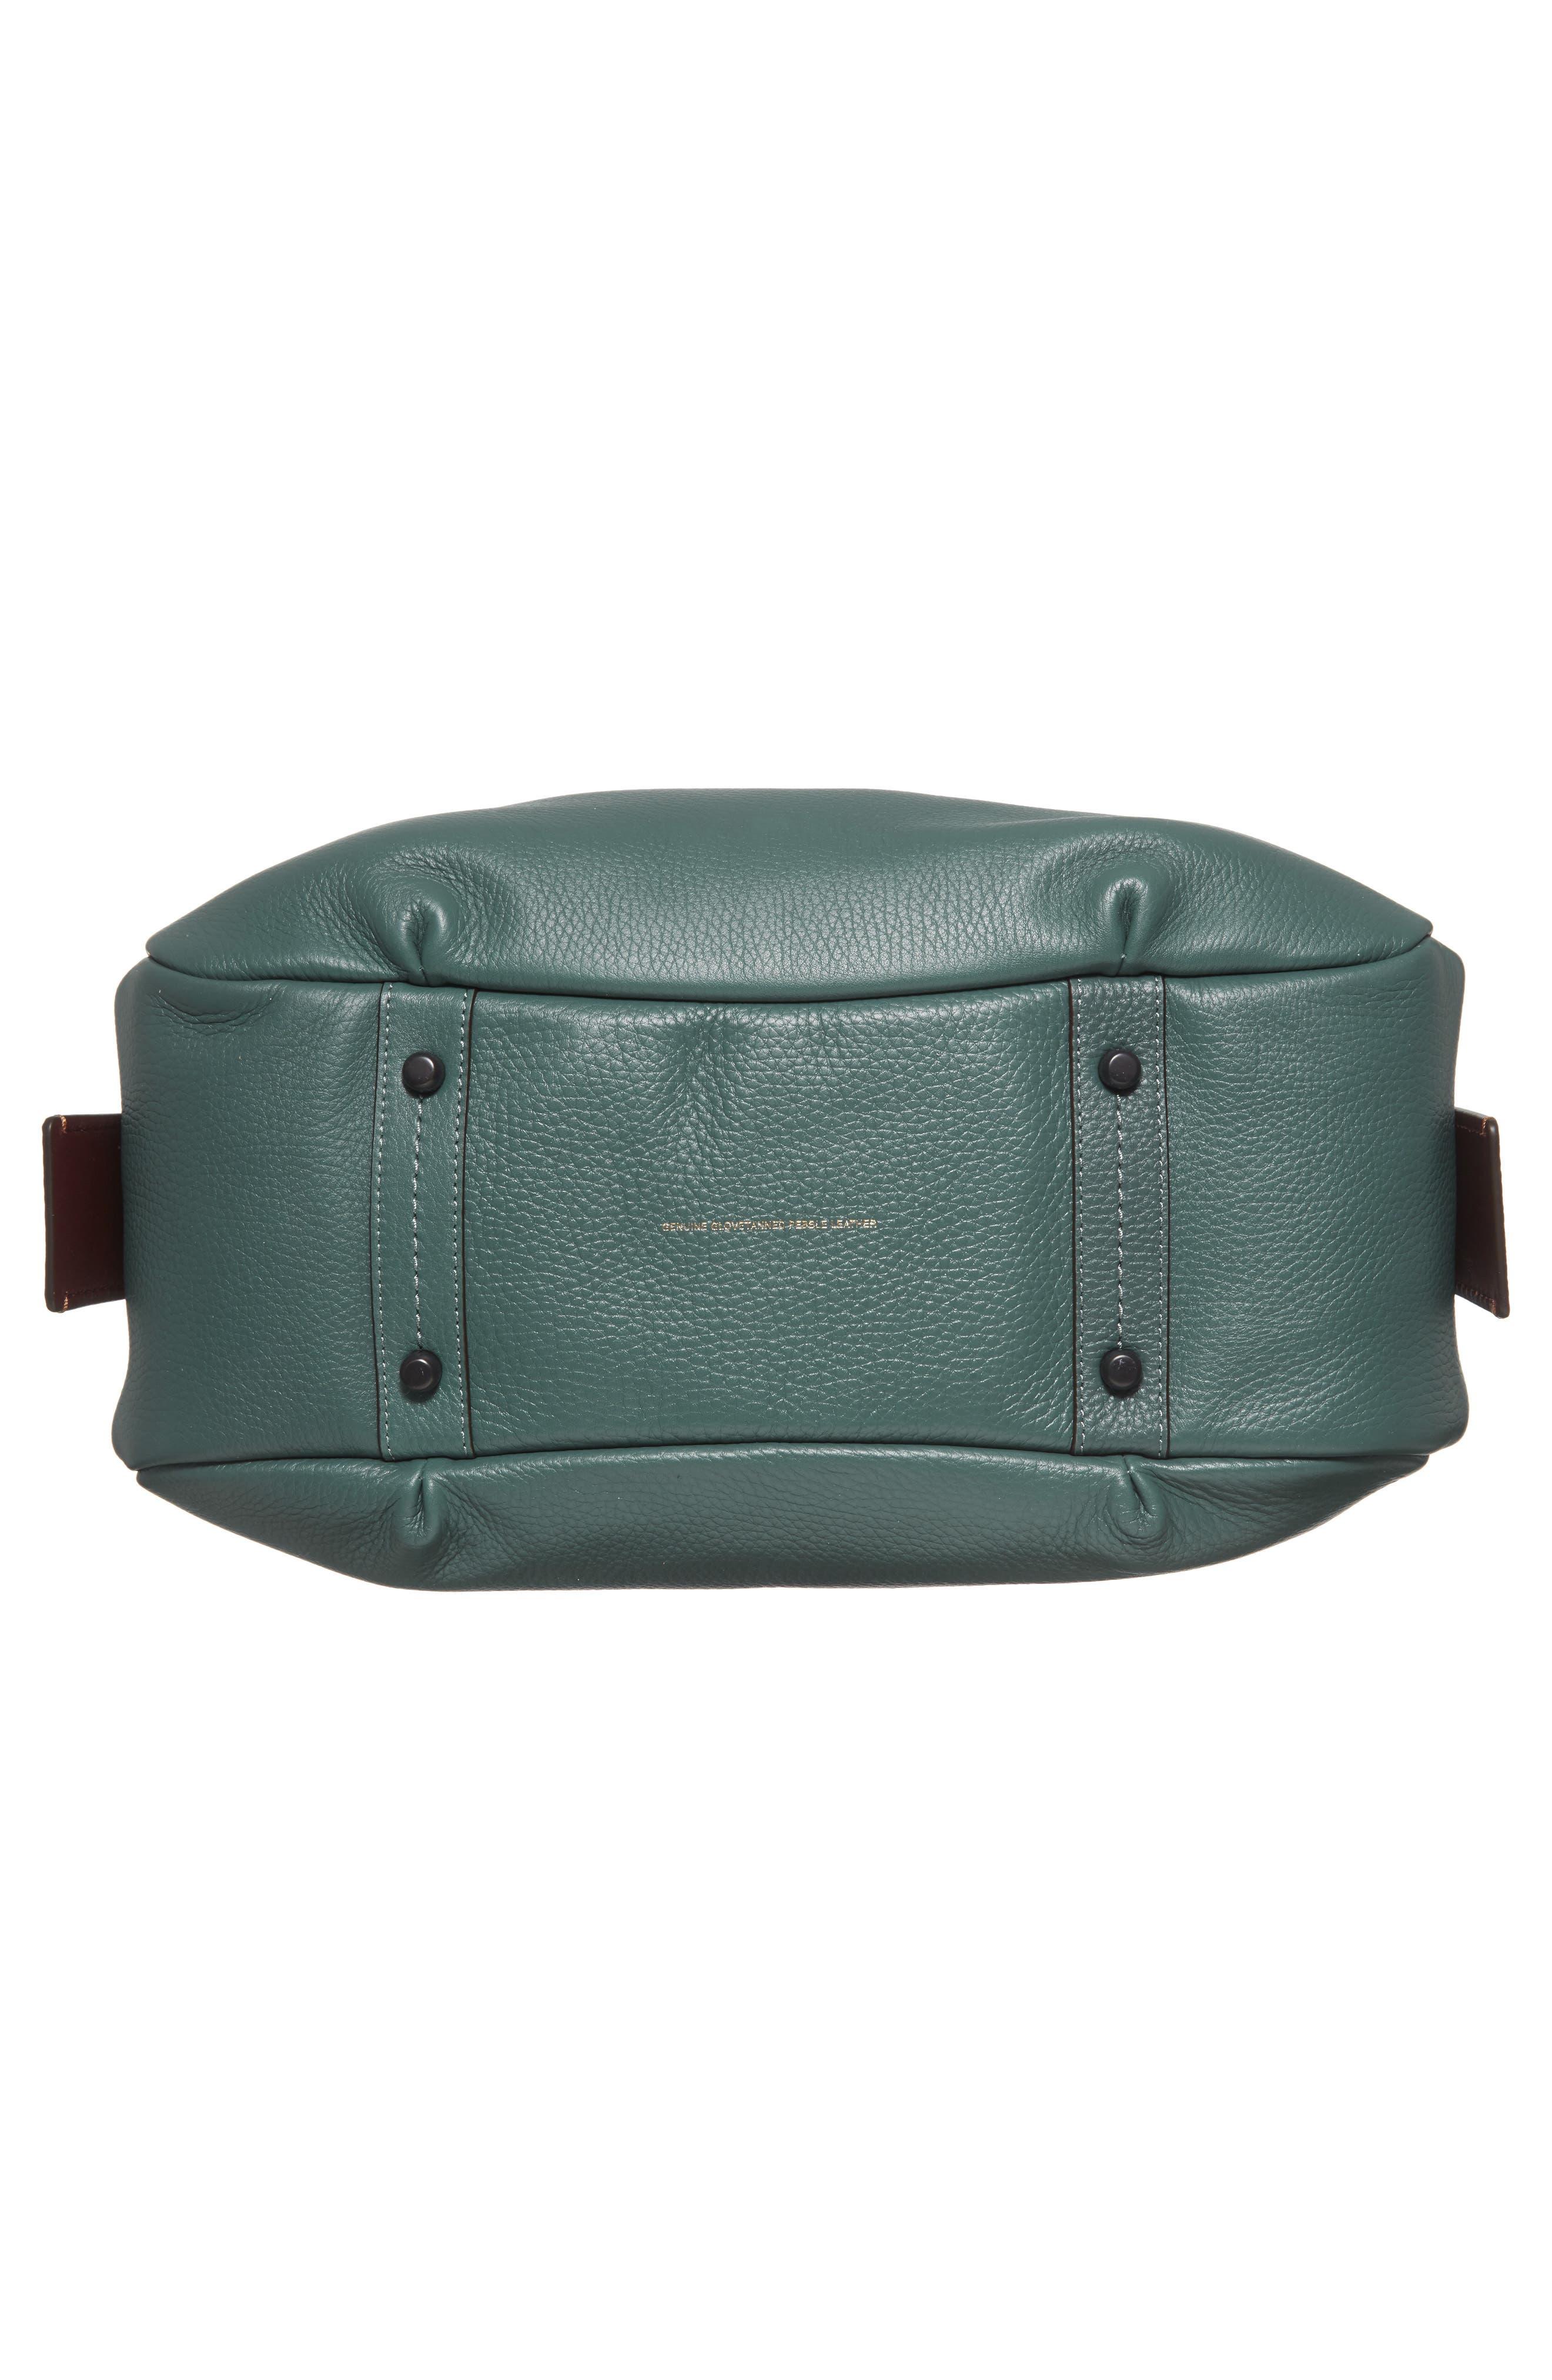 Bandit Leather Hobo & Removable Shoulder Bag,                             Alternate thumbnail 6, color,                             313